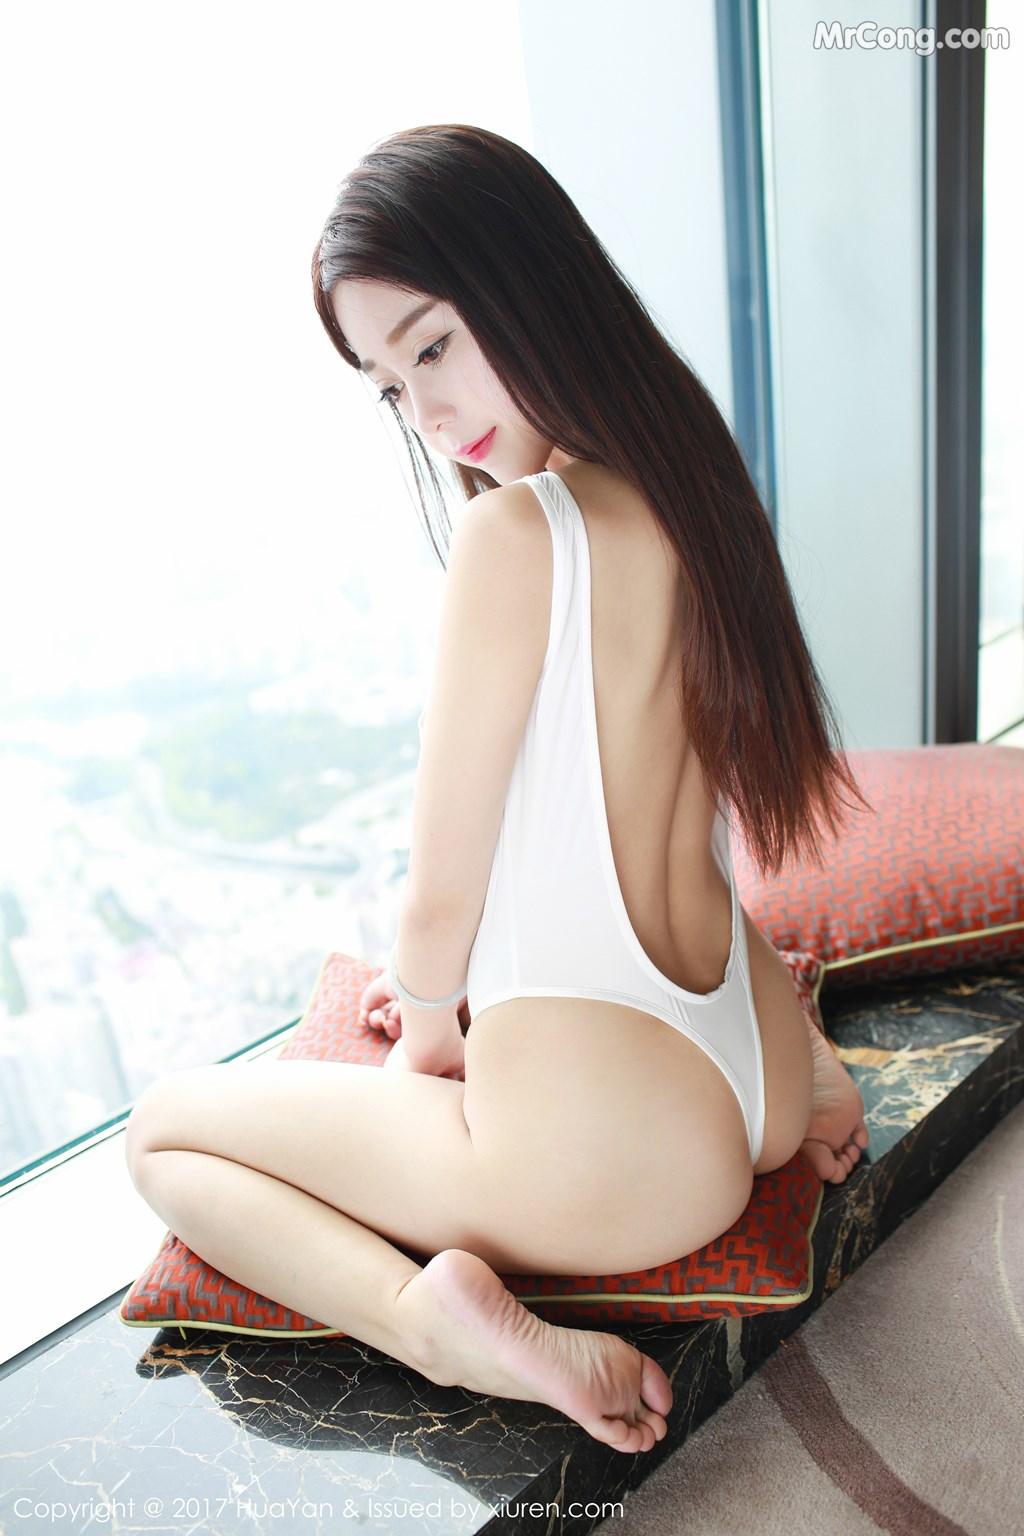 Image HuaYan-Vol.045-Kitty-Zhao-Xiaomi-MrCong.com-002 in post HuaYan Vol.045: Người mẫu Kitty Zhao Xiaomi (赵小米) (57 ảnh)